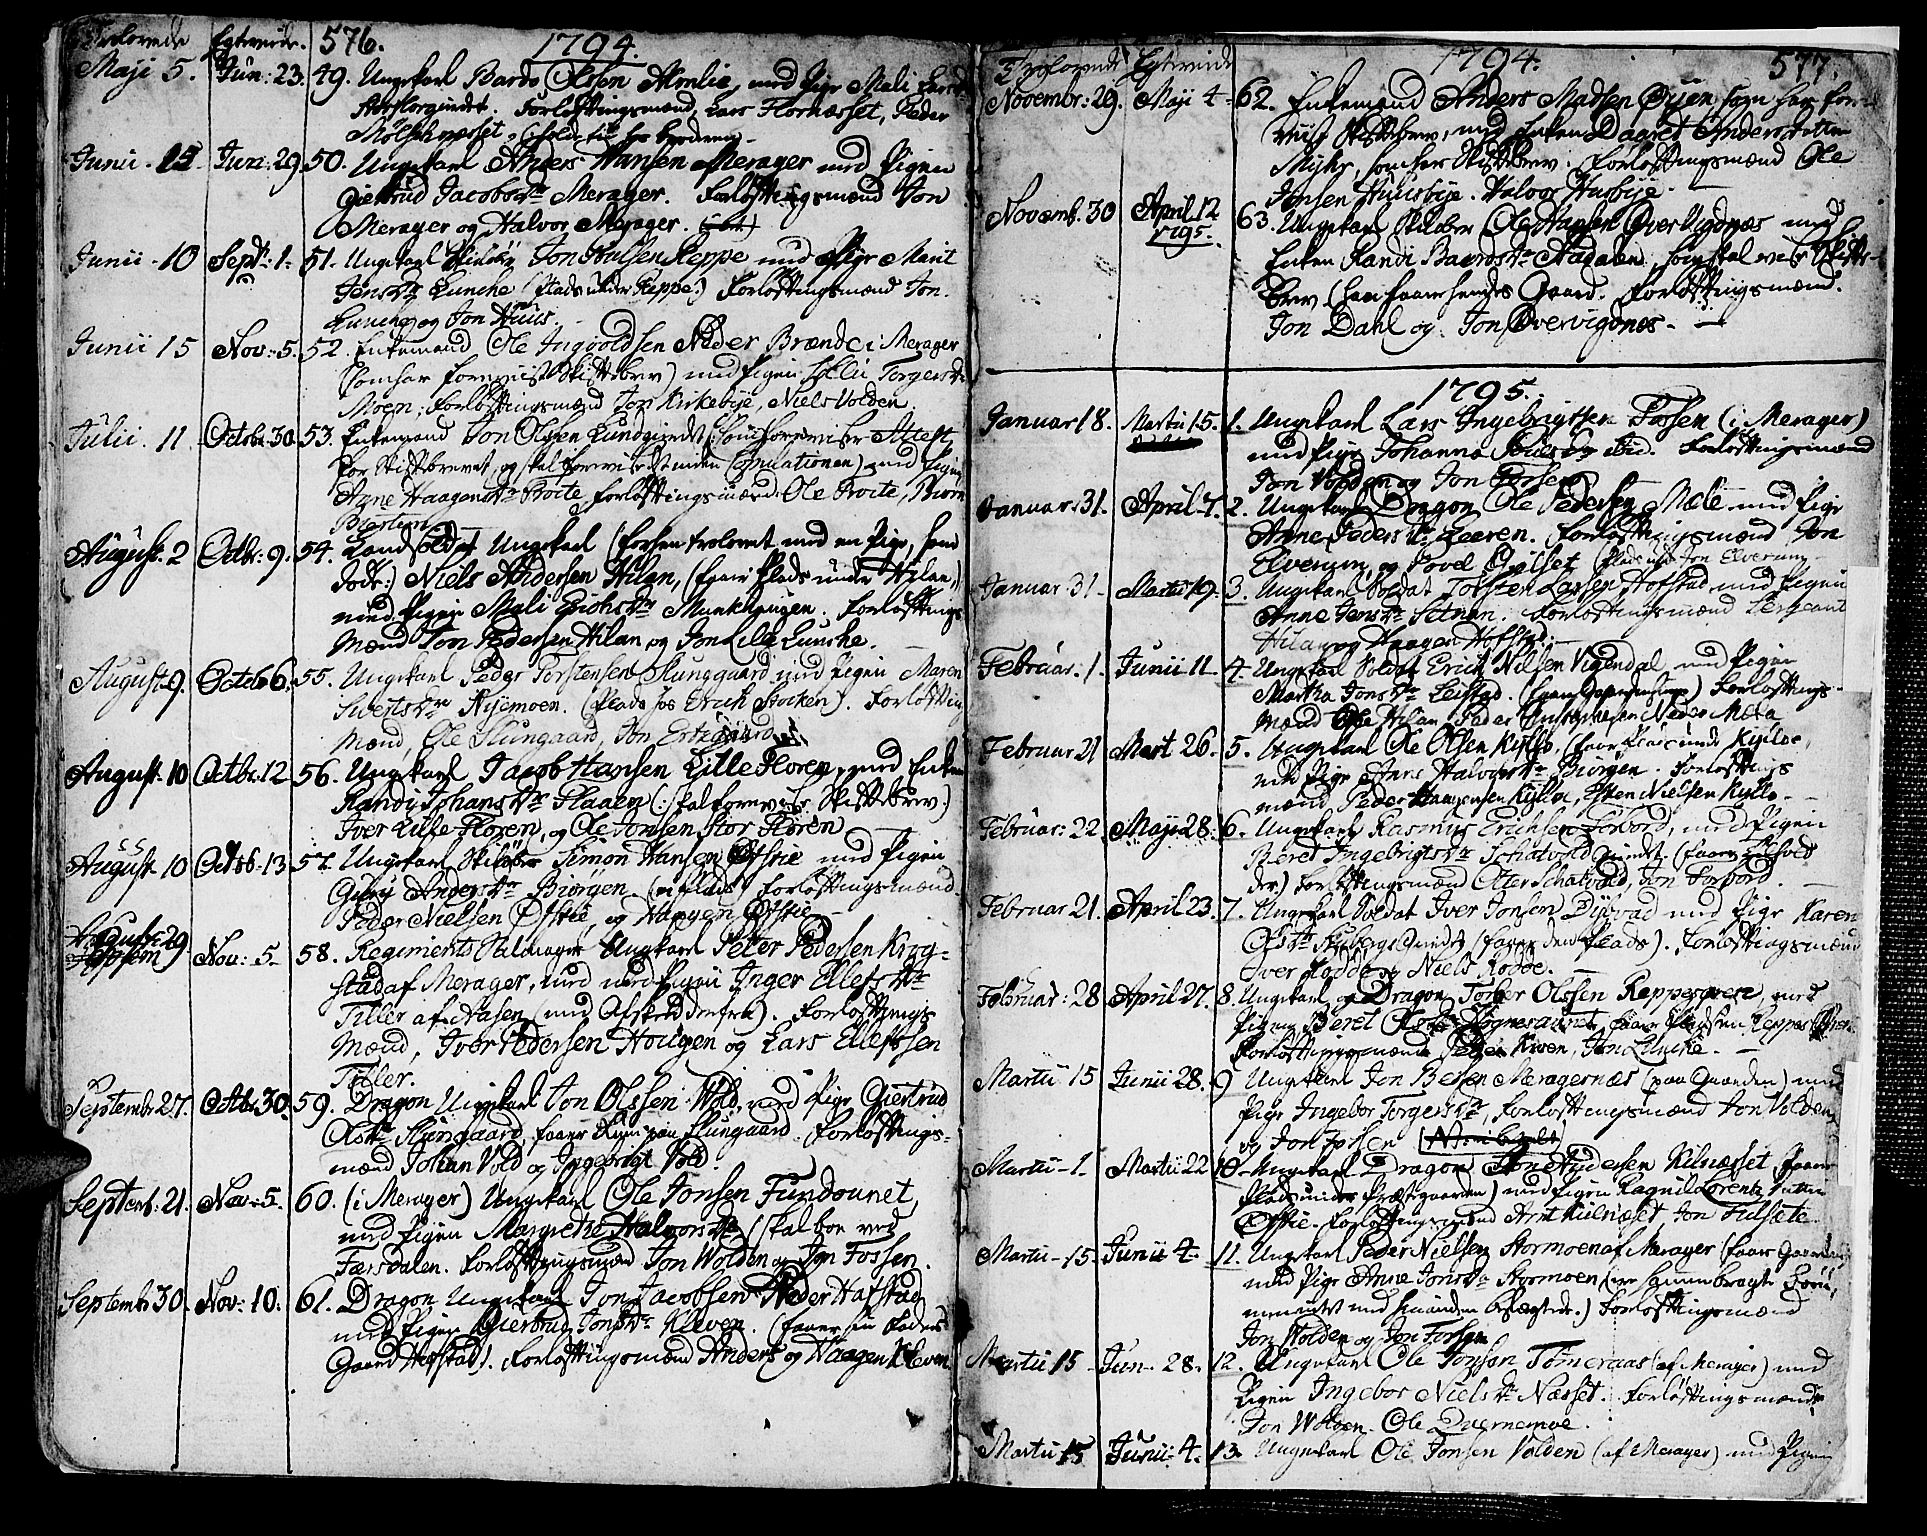 SAT, Ministerialprotokoller, klokkerbøker og fødselsregistre - Nord-Trøndelag, 709/L0059: Ministerialbok nr. 709A06, 1781-1797, s. 576-577